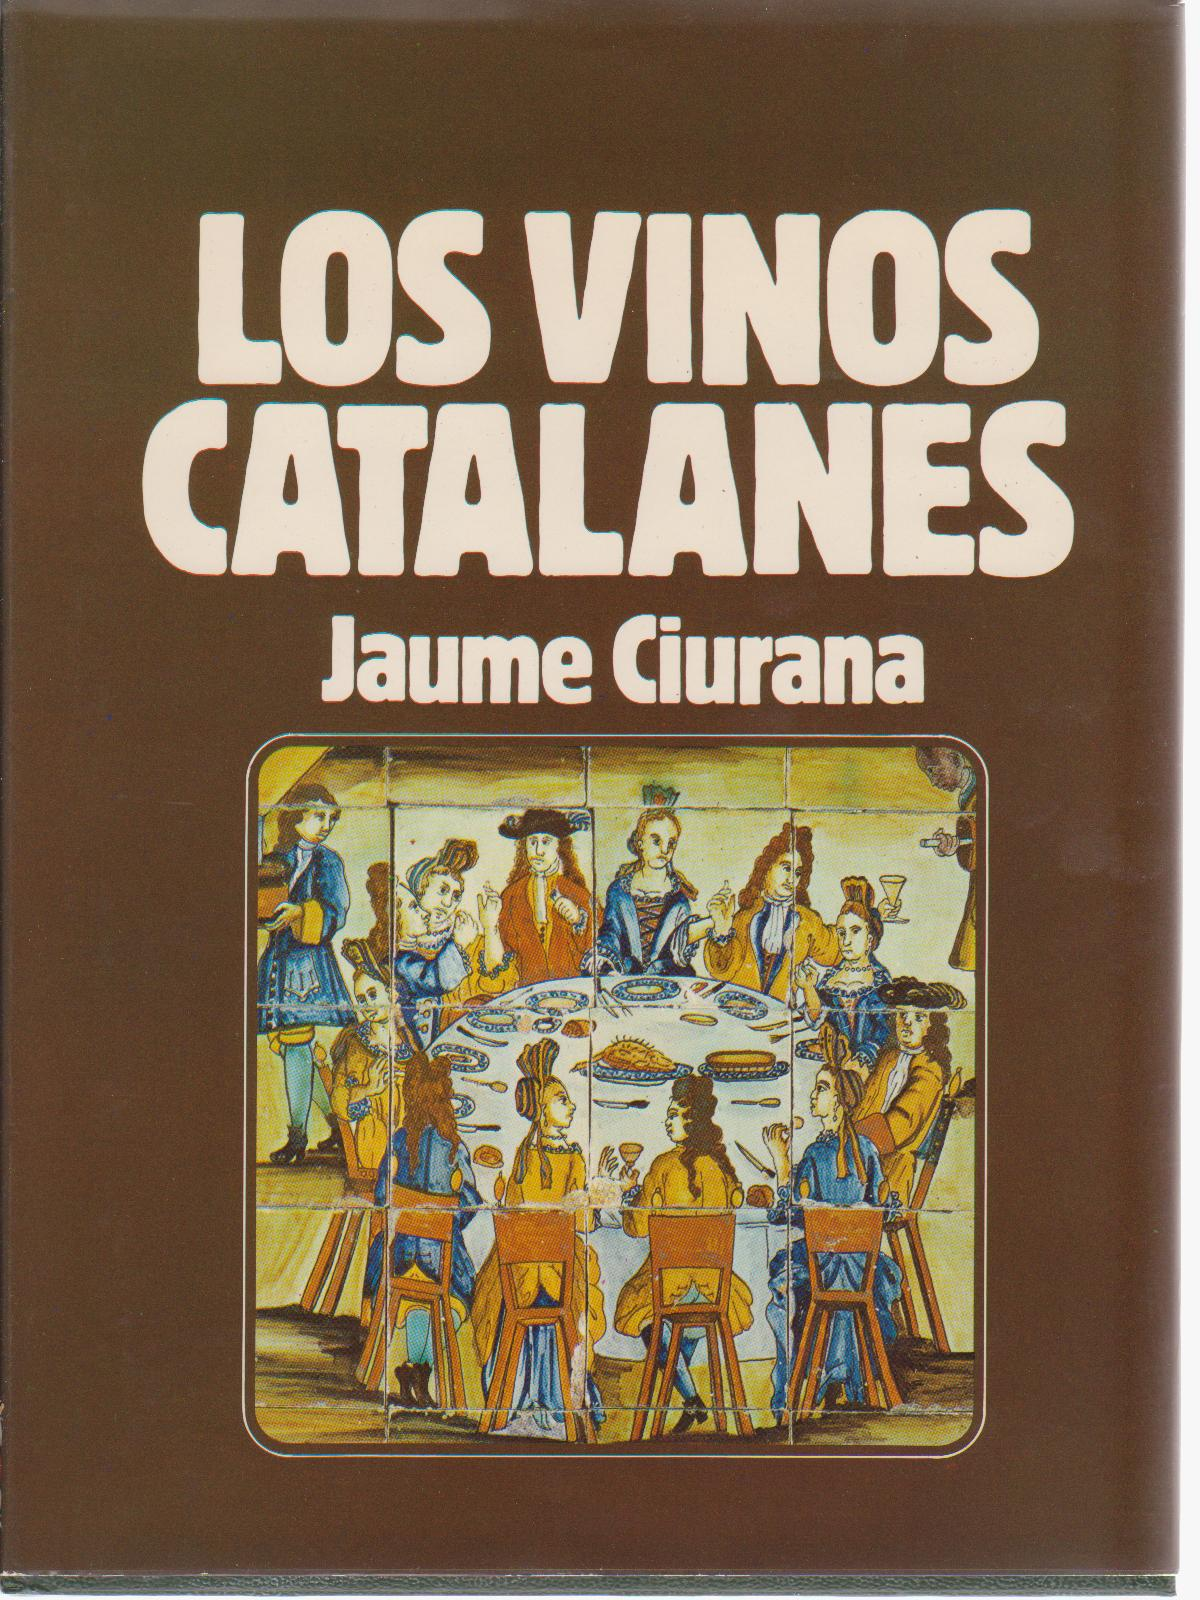 Los Vinos catalanes